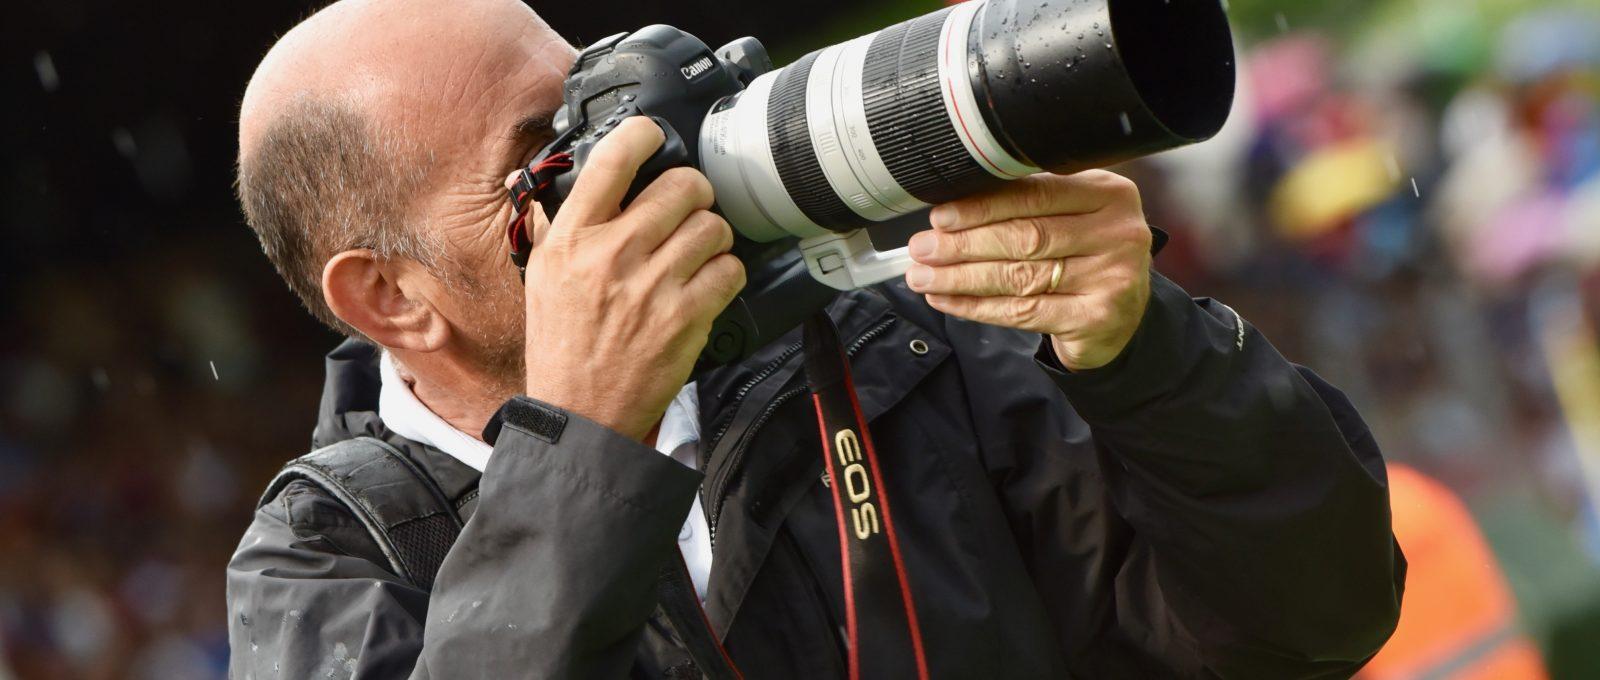 BRX 5315 1600x680 - FOTOGRAFATEVI!!!!